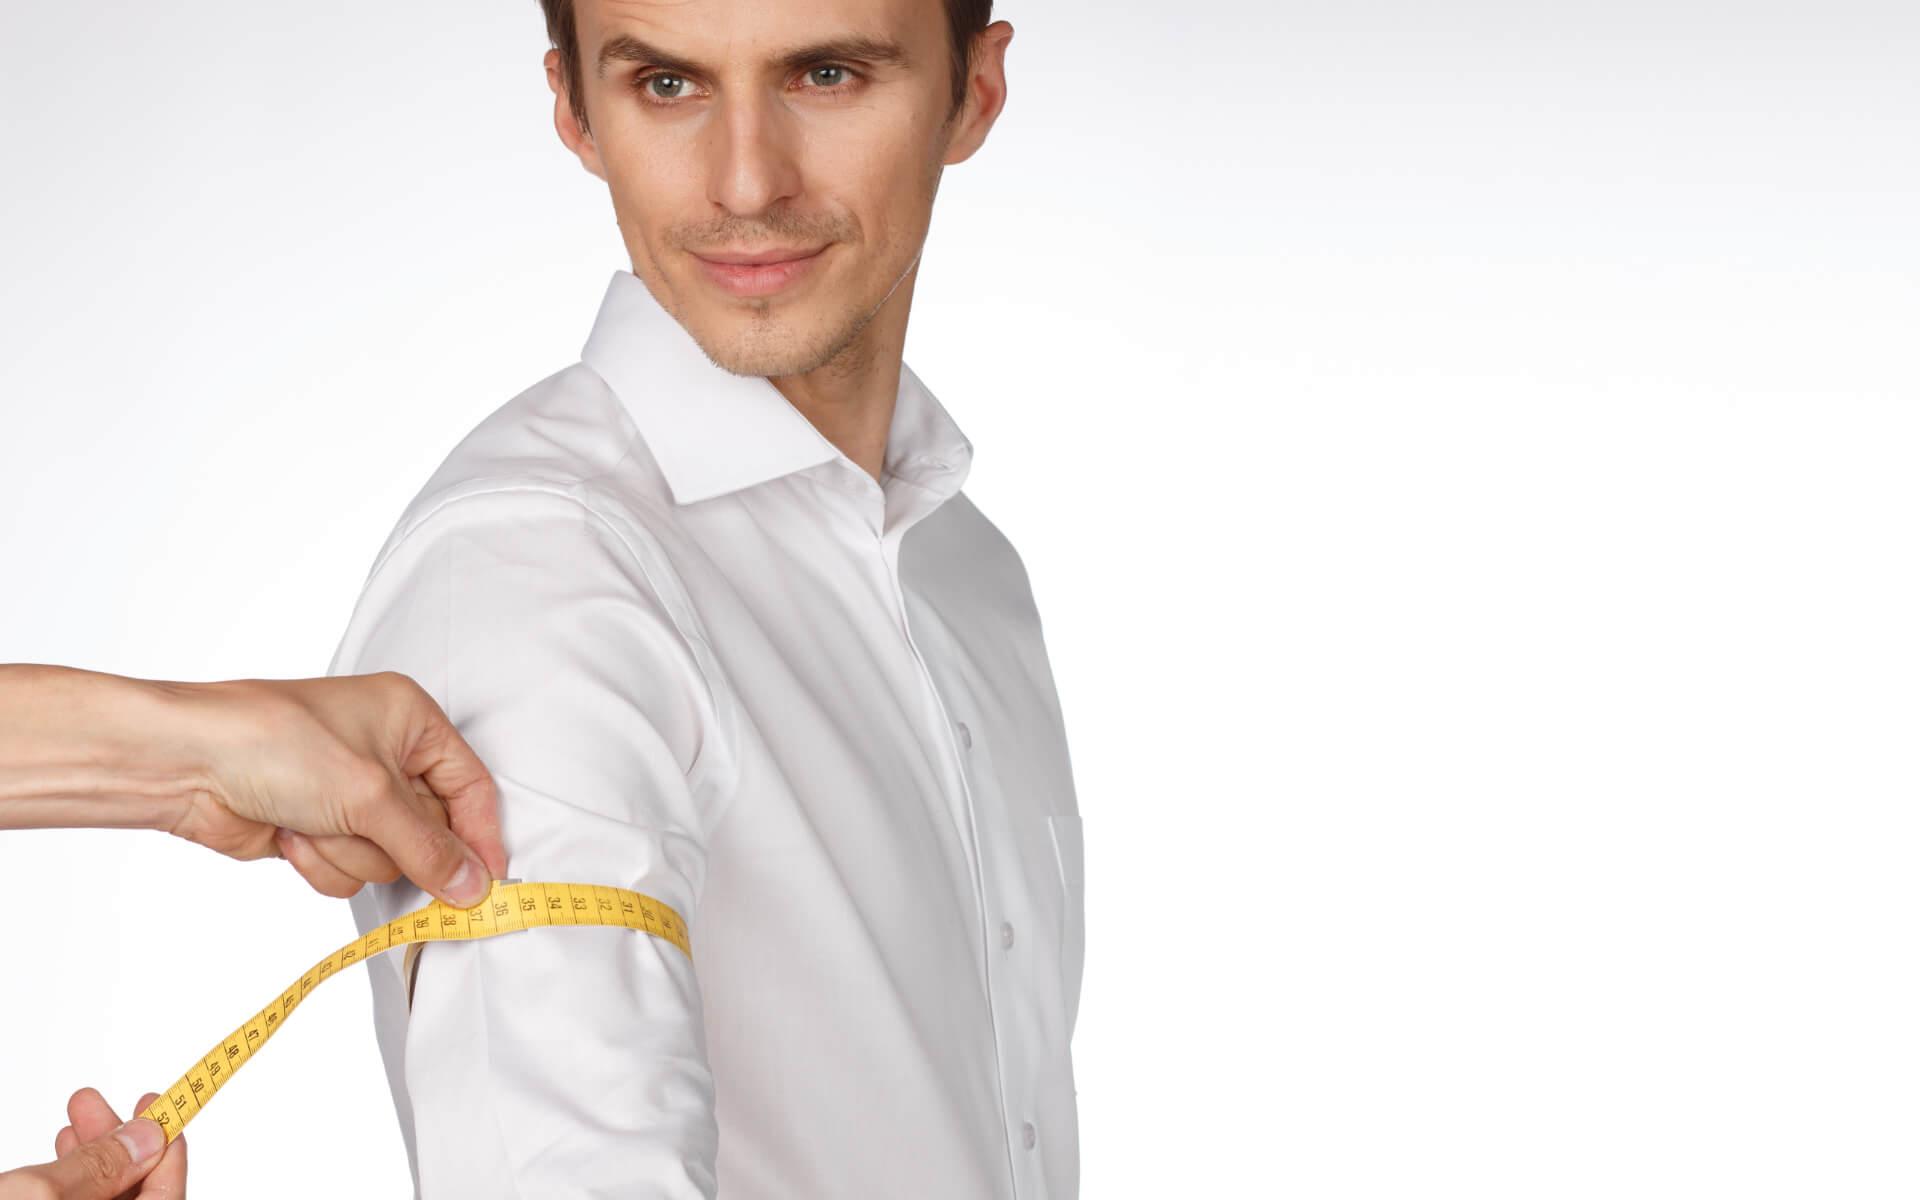 So messen Sie den Umfang Ihres Oberarms